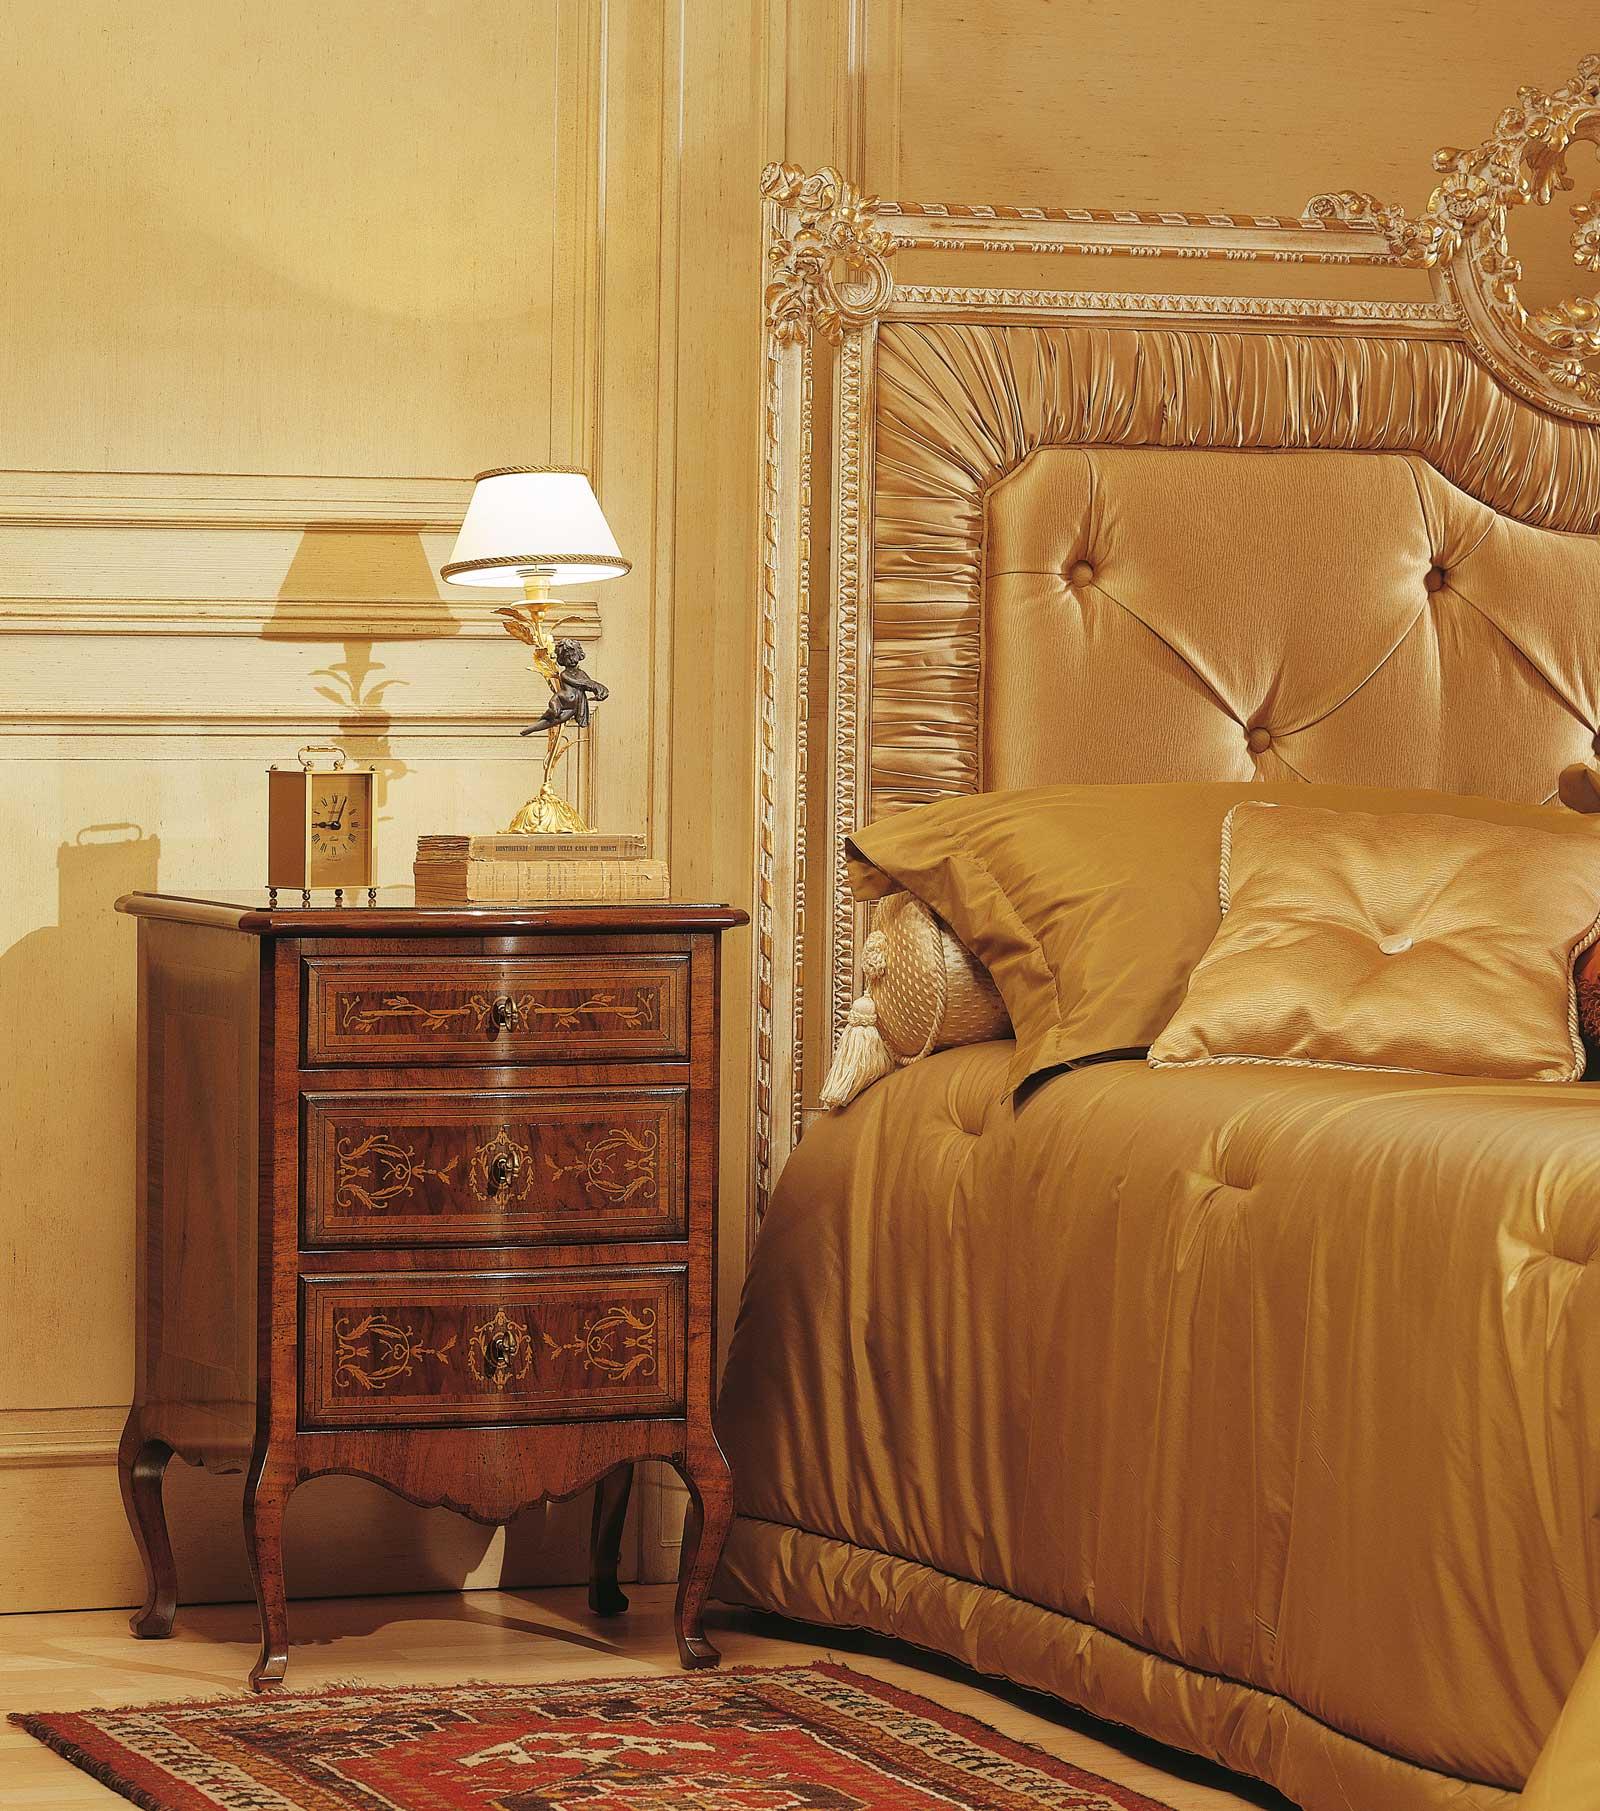 Camera da letto classica louvre comodino in noce finitura d 39 antiquariato letto capitonn - Camera da letto classica noce ...